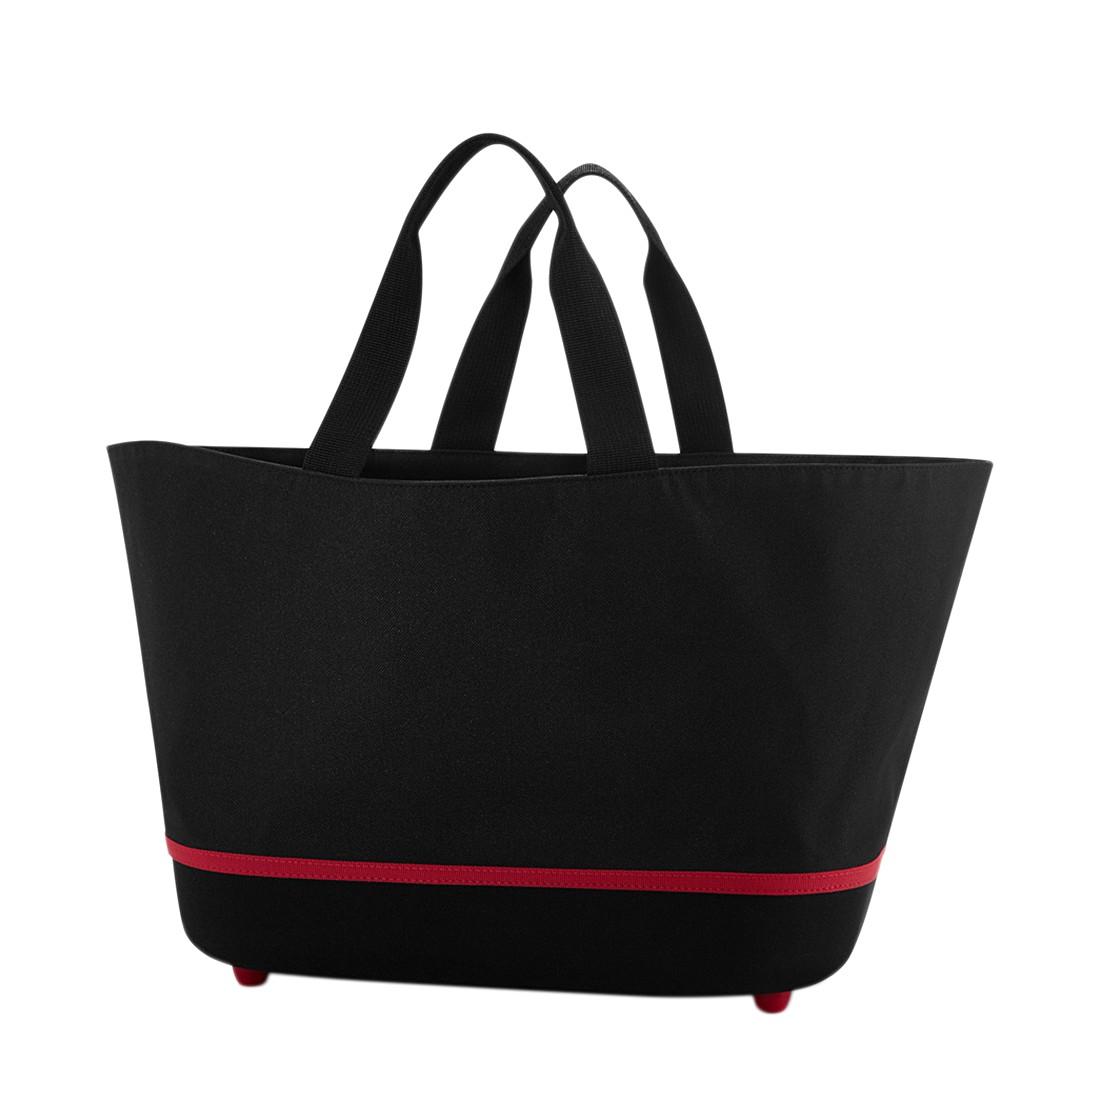 Shoppingbasket black – strapazierfähig schwarz, Reisenthel Accessoires online bestellen